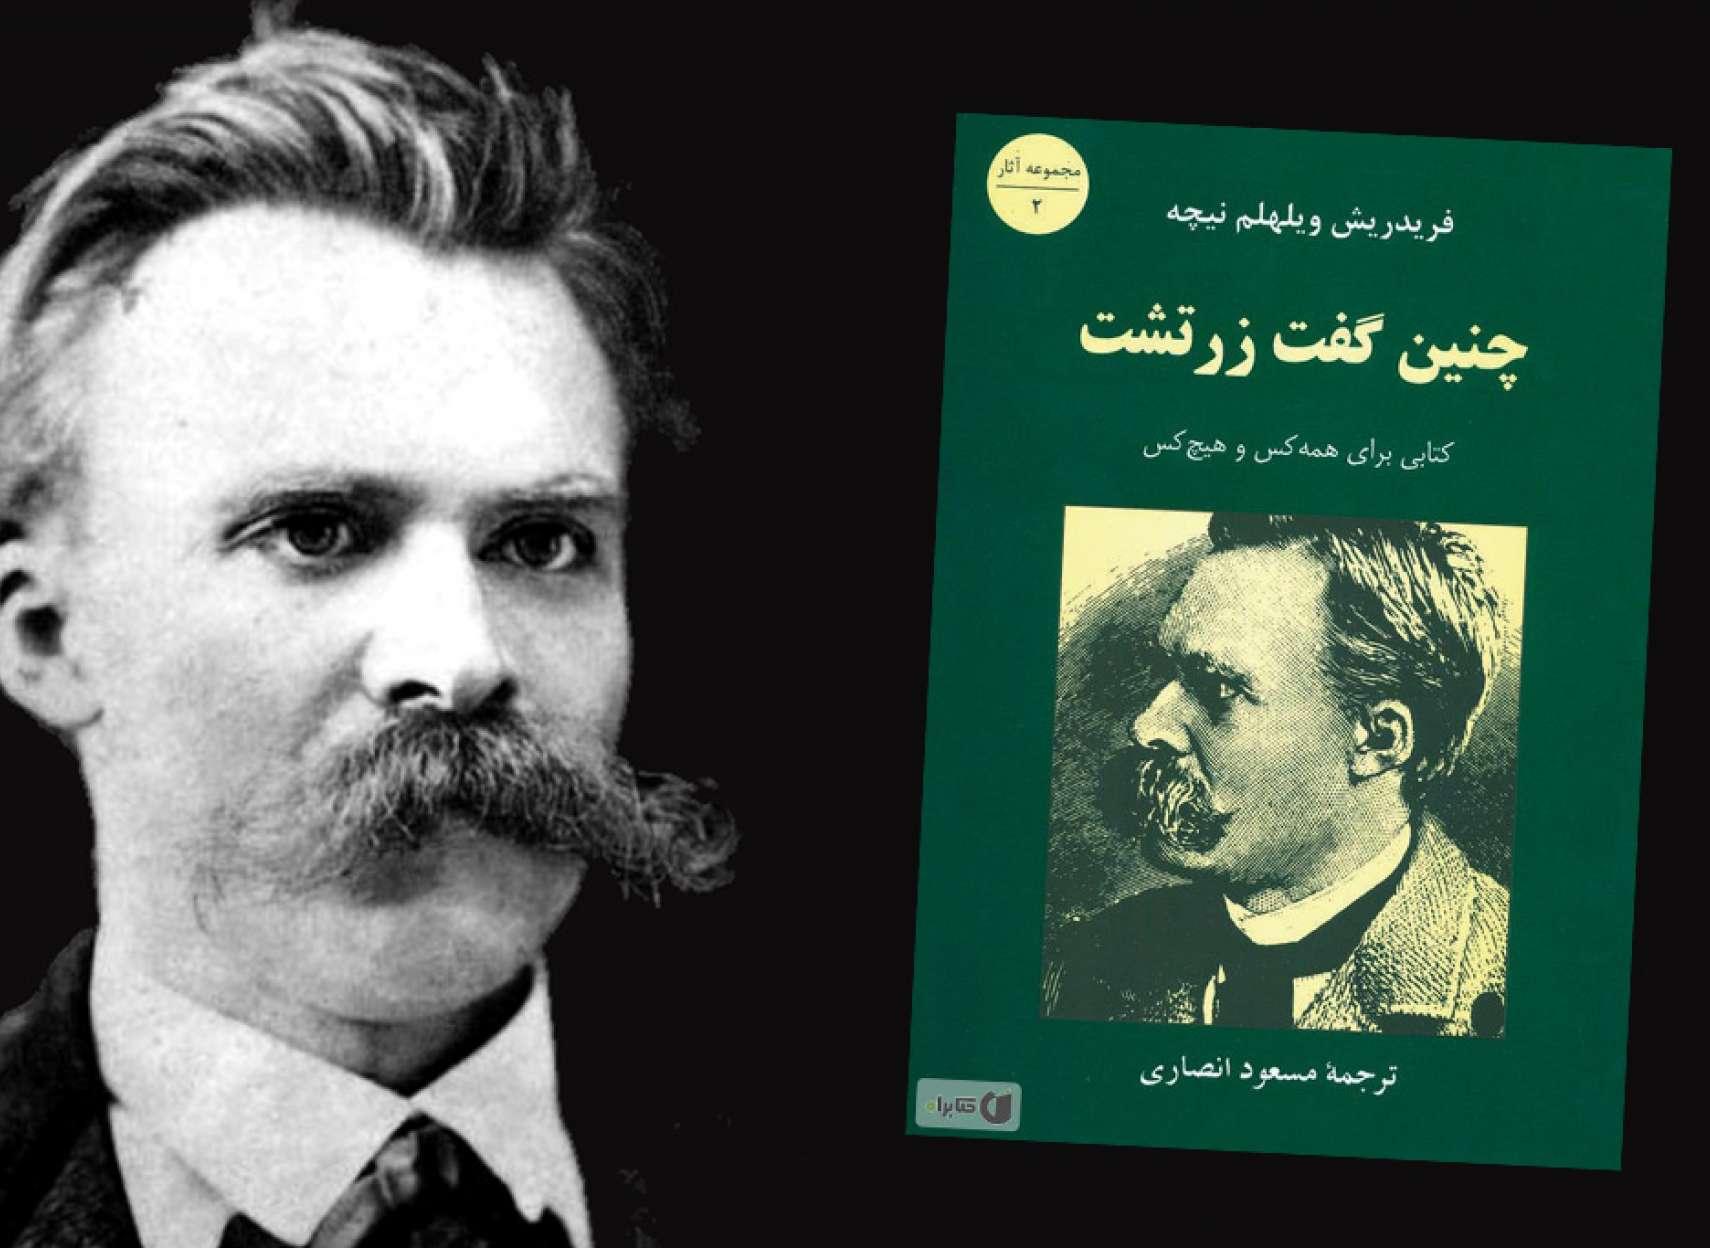 ادبیات-گلمحمدی-زرتشت-و-نیچه-پارادایم-یا-پارادوکس